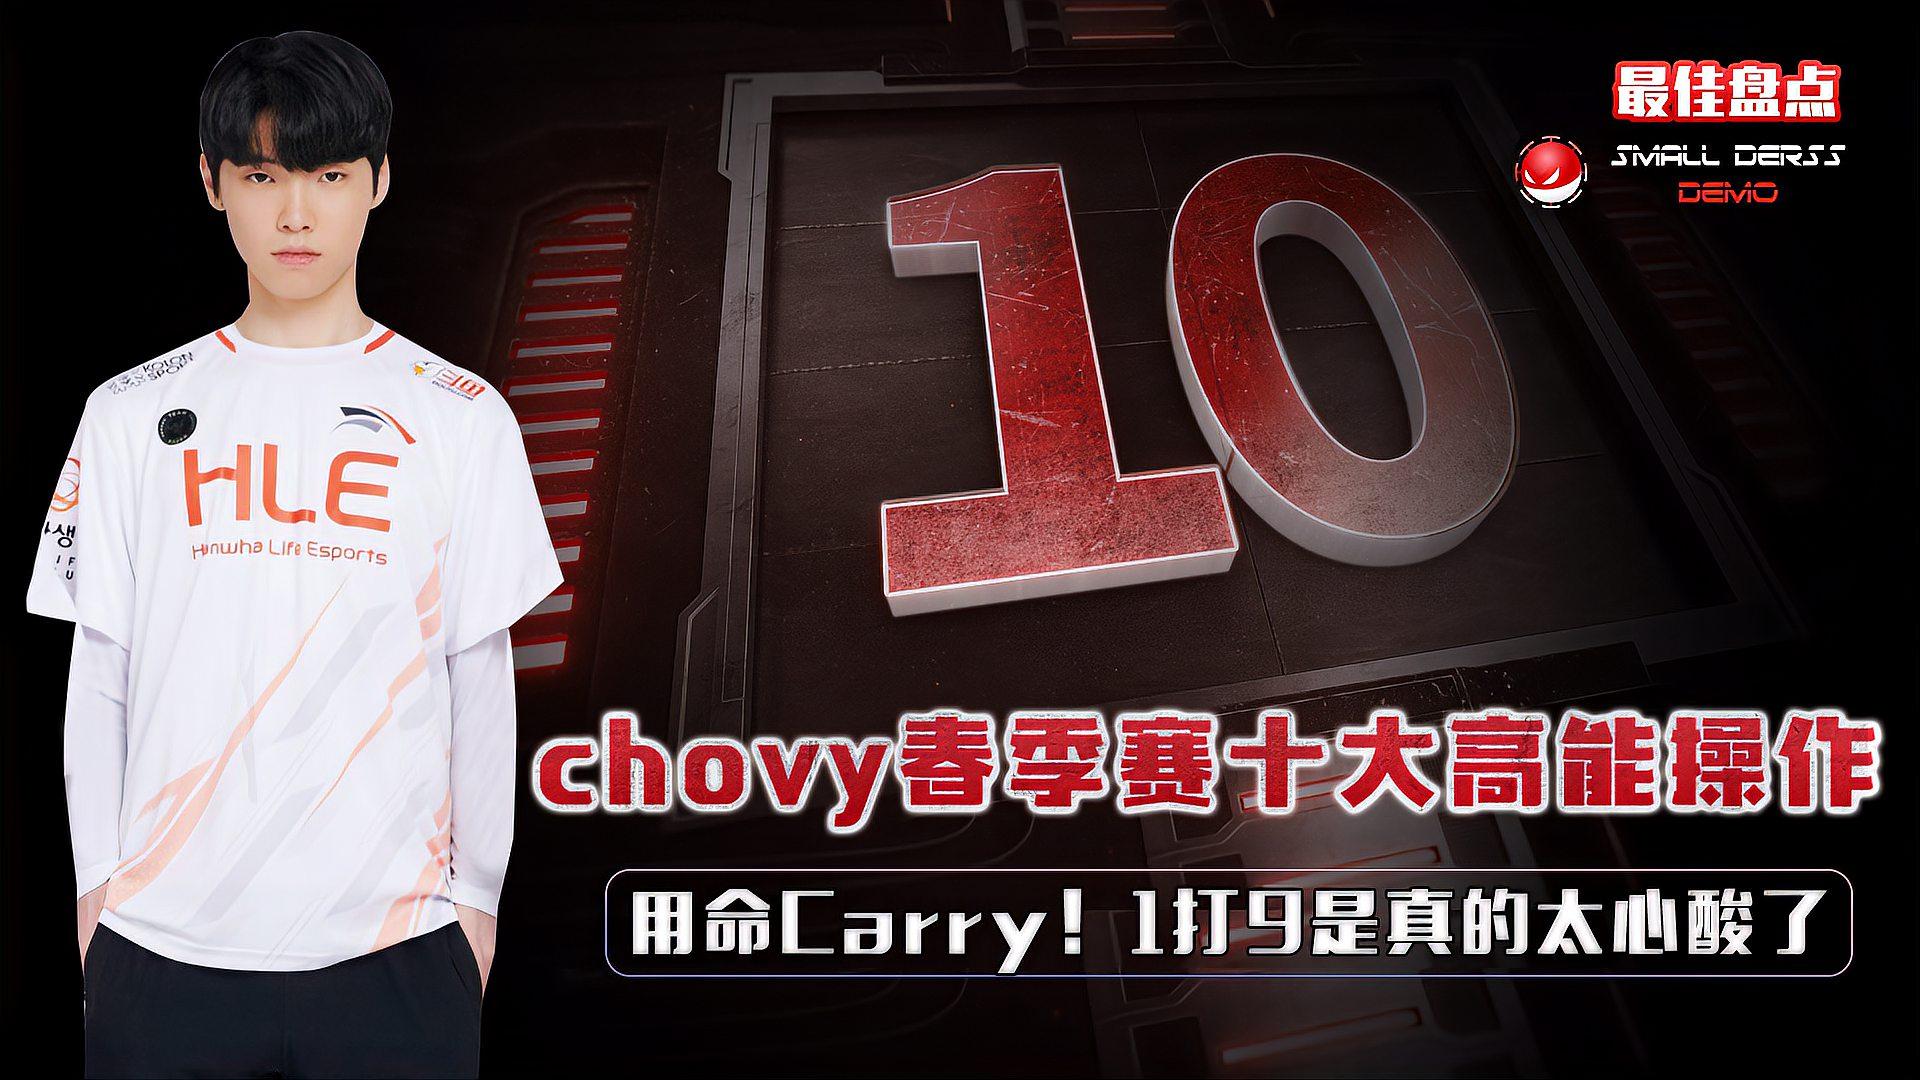 LOL:chovy春季赛十大高能操作,1打9究竟有多猛?连解说都佩服